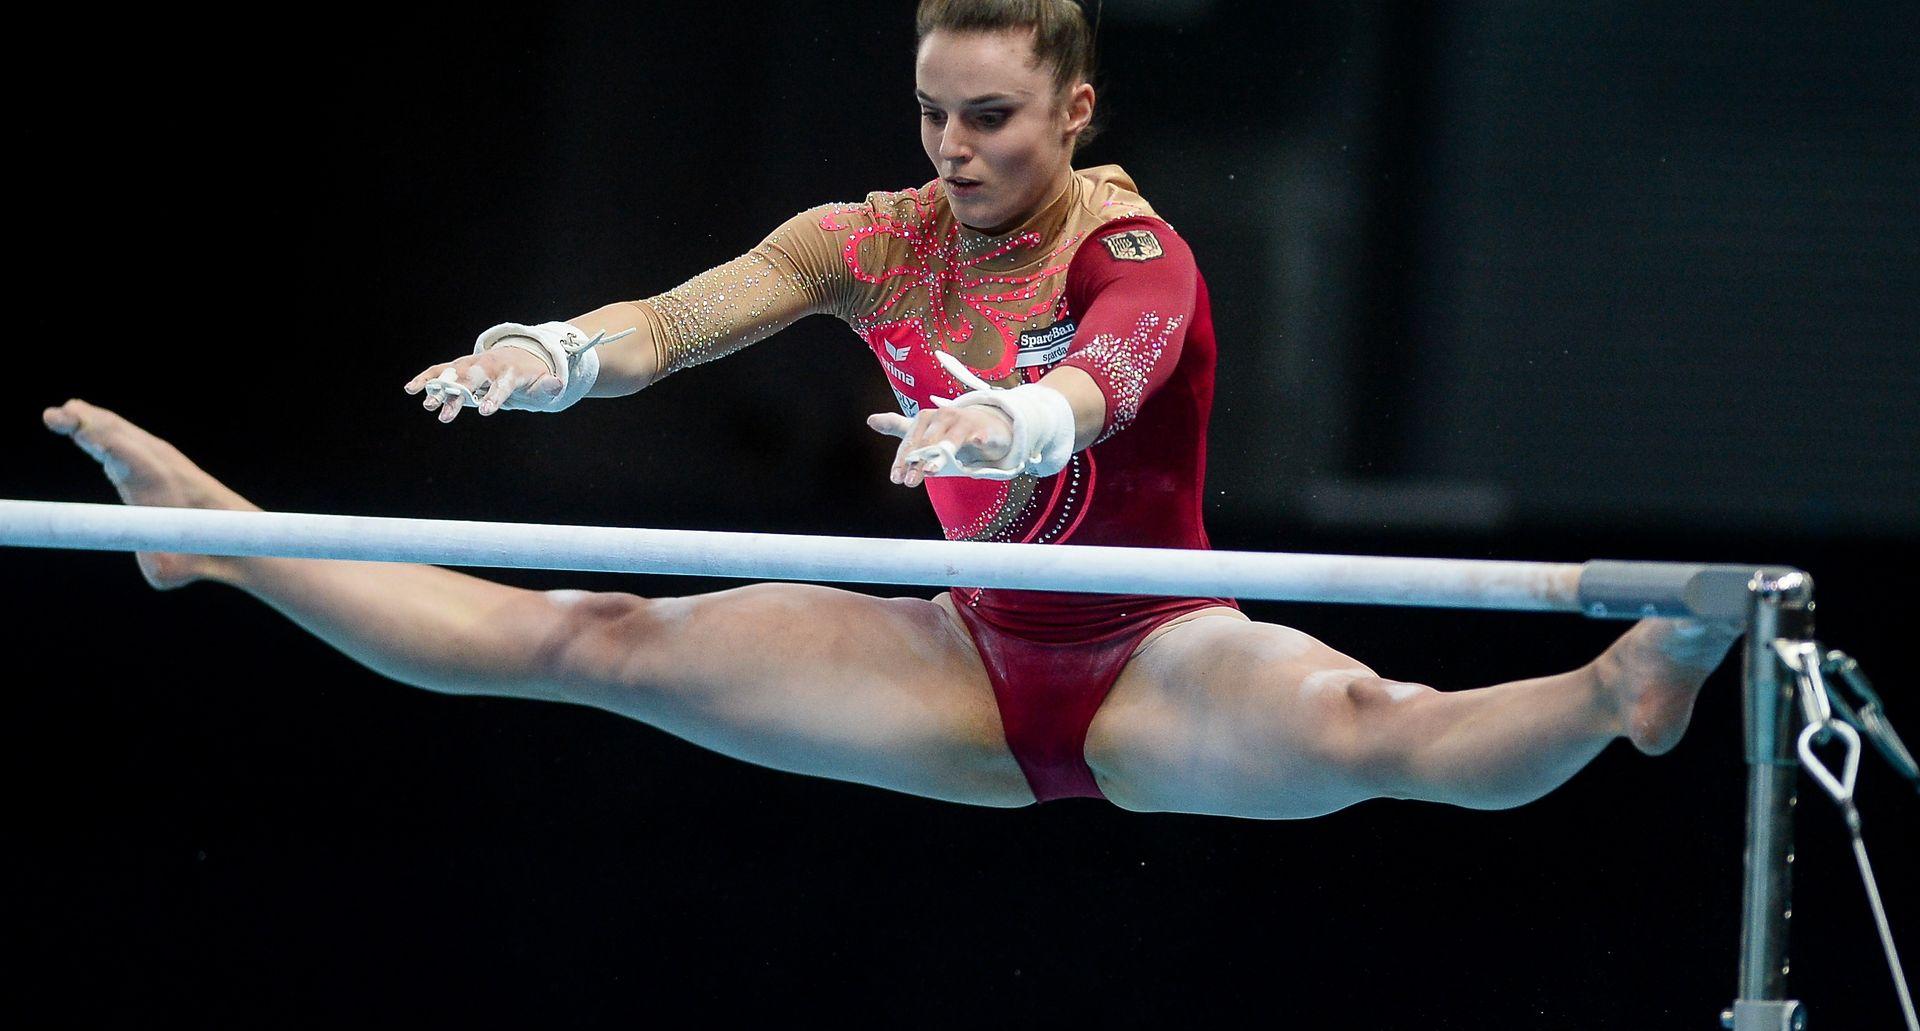 Gimnastyka artystyczna to jeden z najbardziej wymagających fizycznie sportów